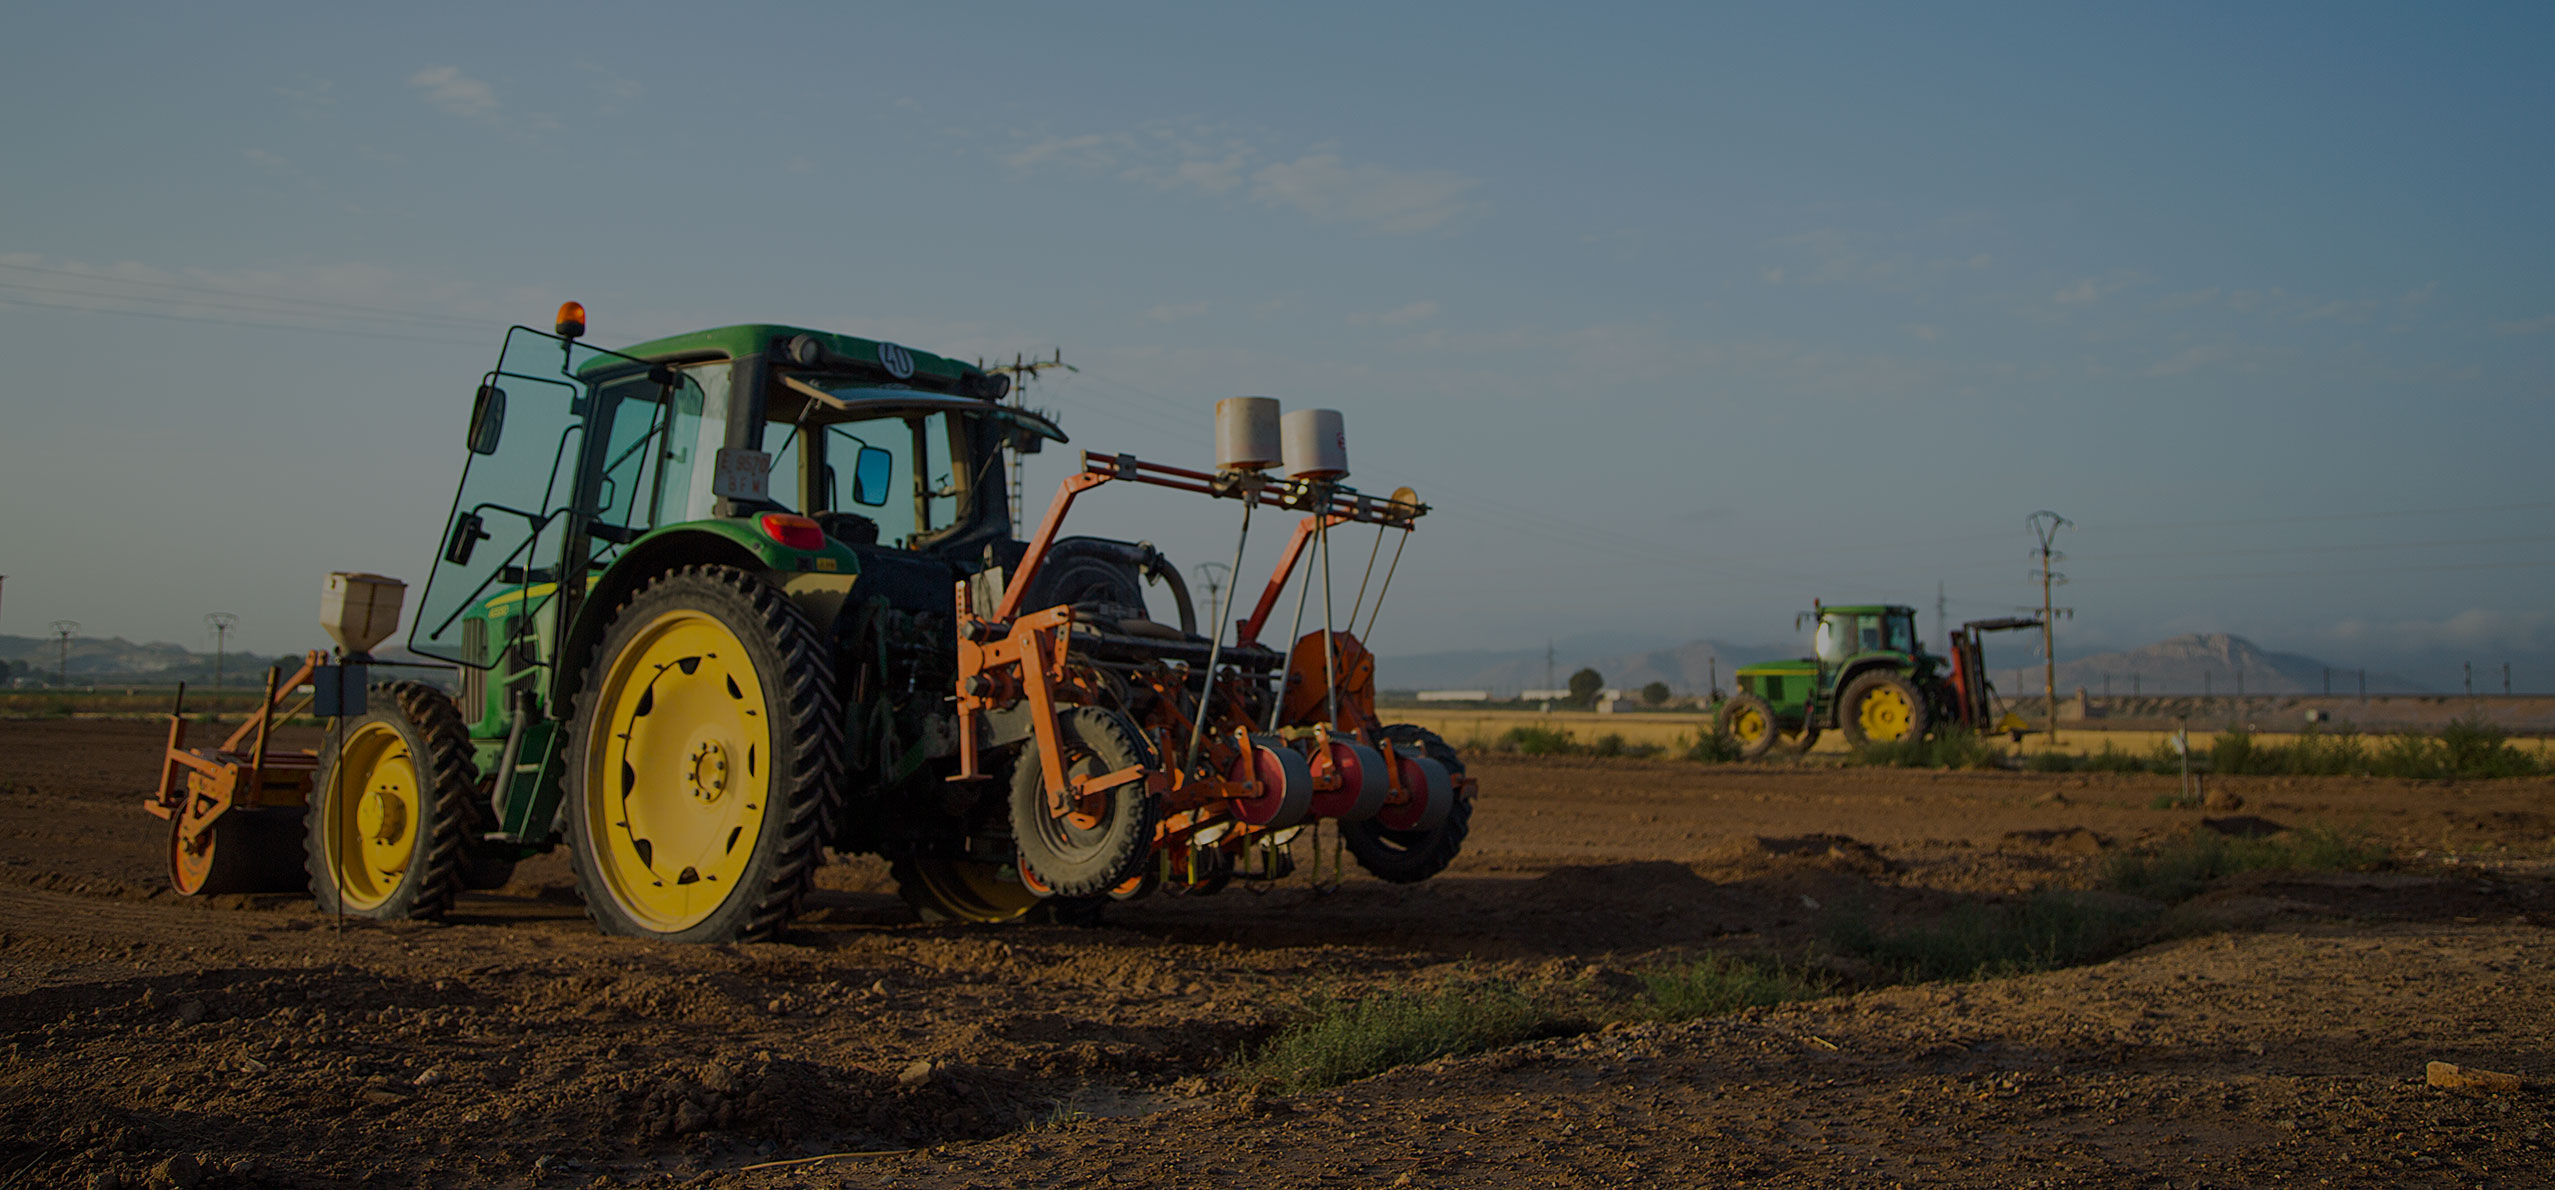 Somos agricultores